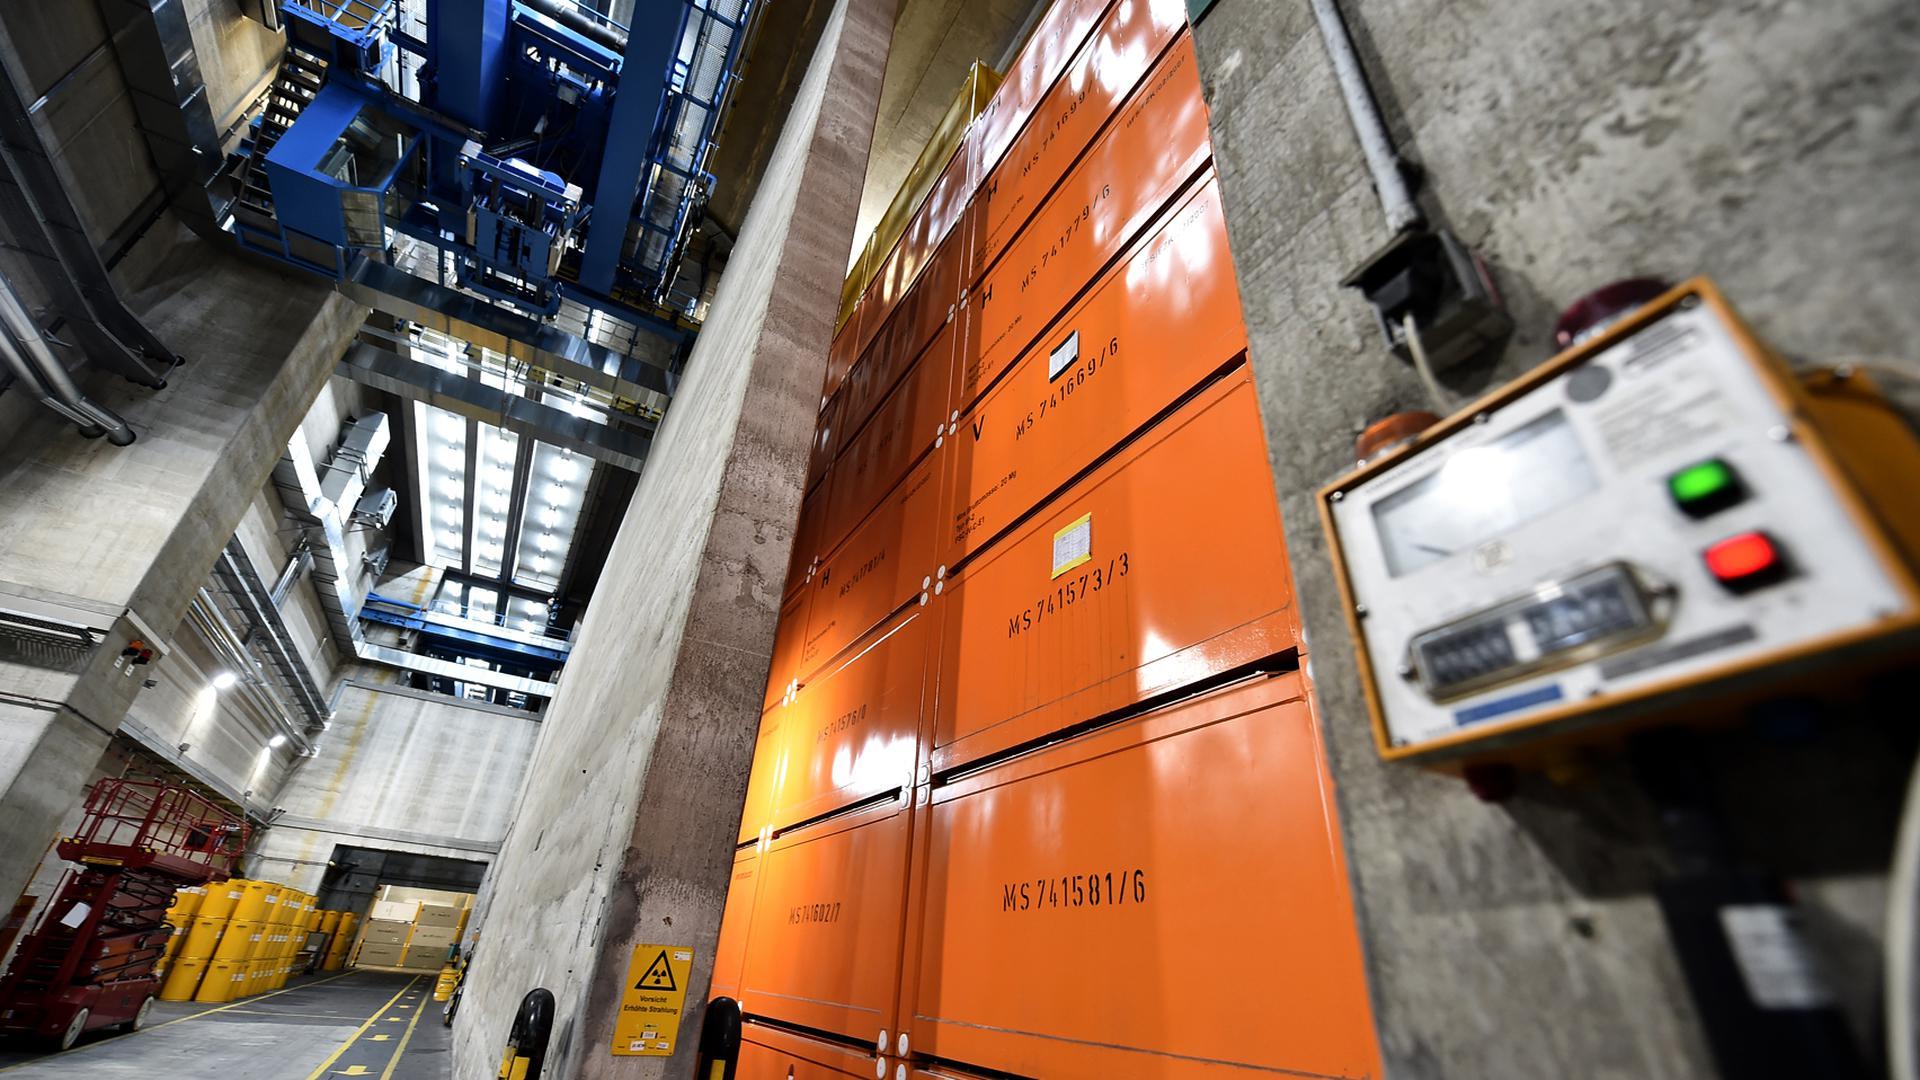 Eng gestapelte Container mit Atomfässern im Zwischenlager der KTE. Das Unternehmen weiß nach eigenen Angaben genau, welche Art von Abfall sich in jedem Fass und in jedem Container befindet.